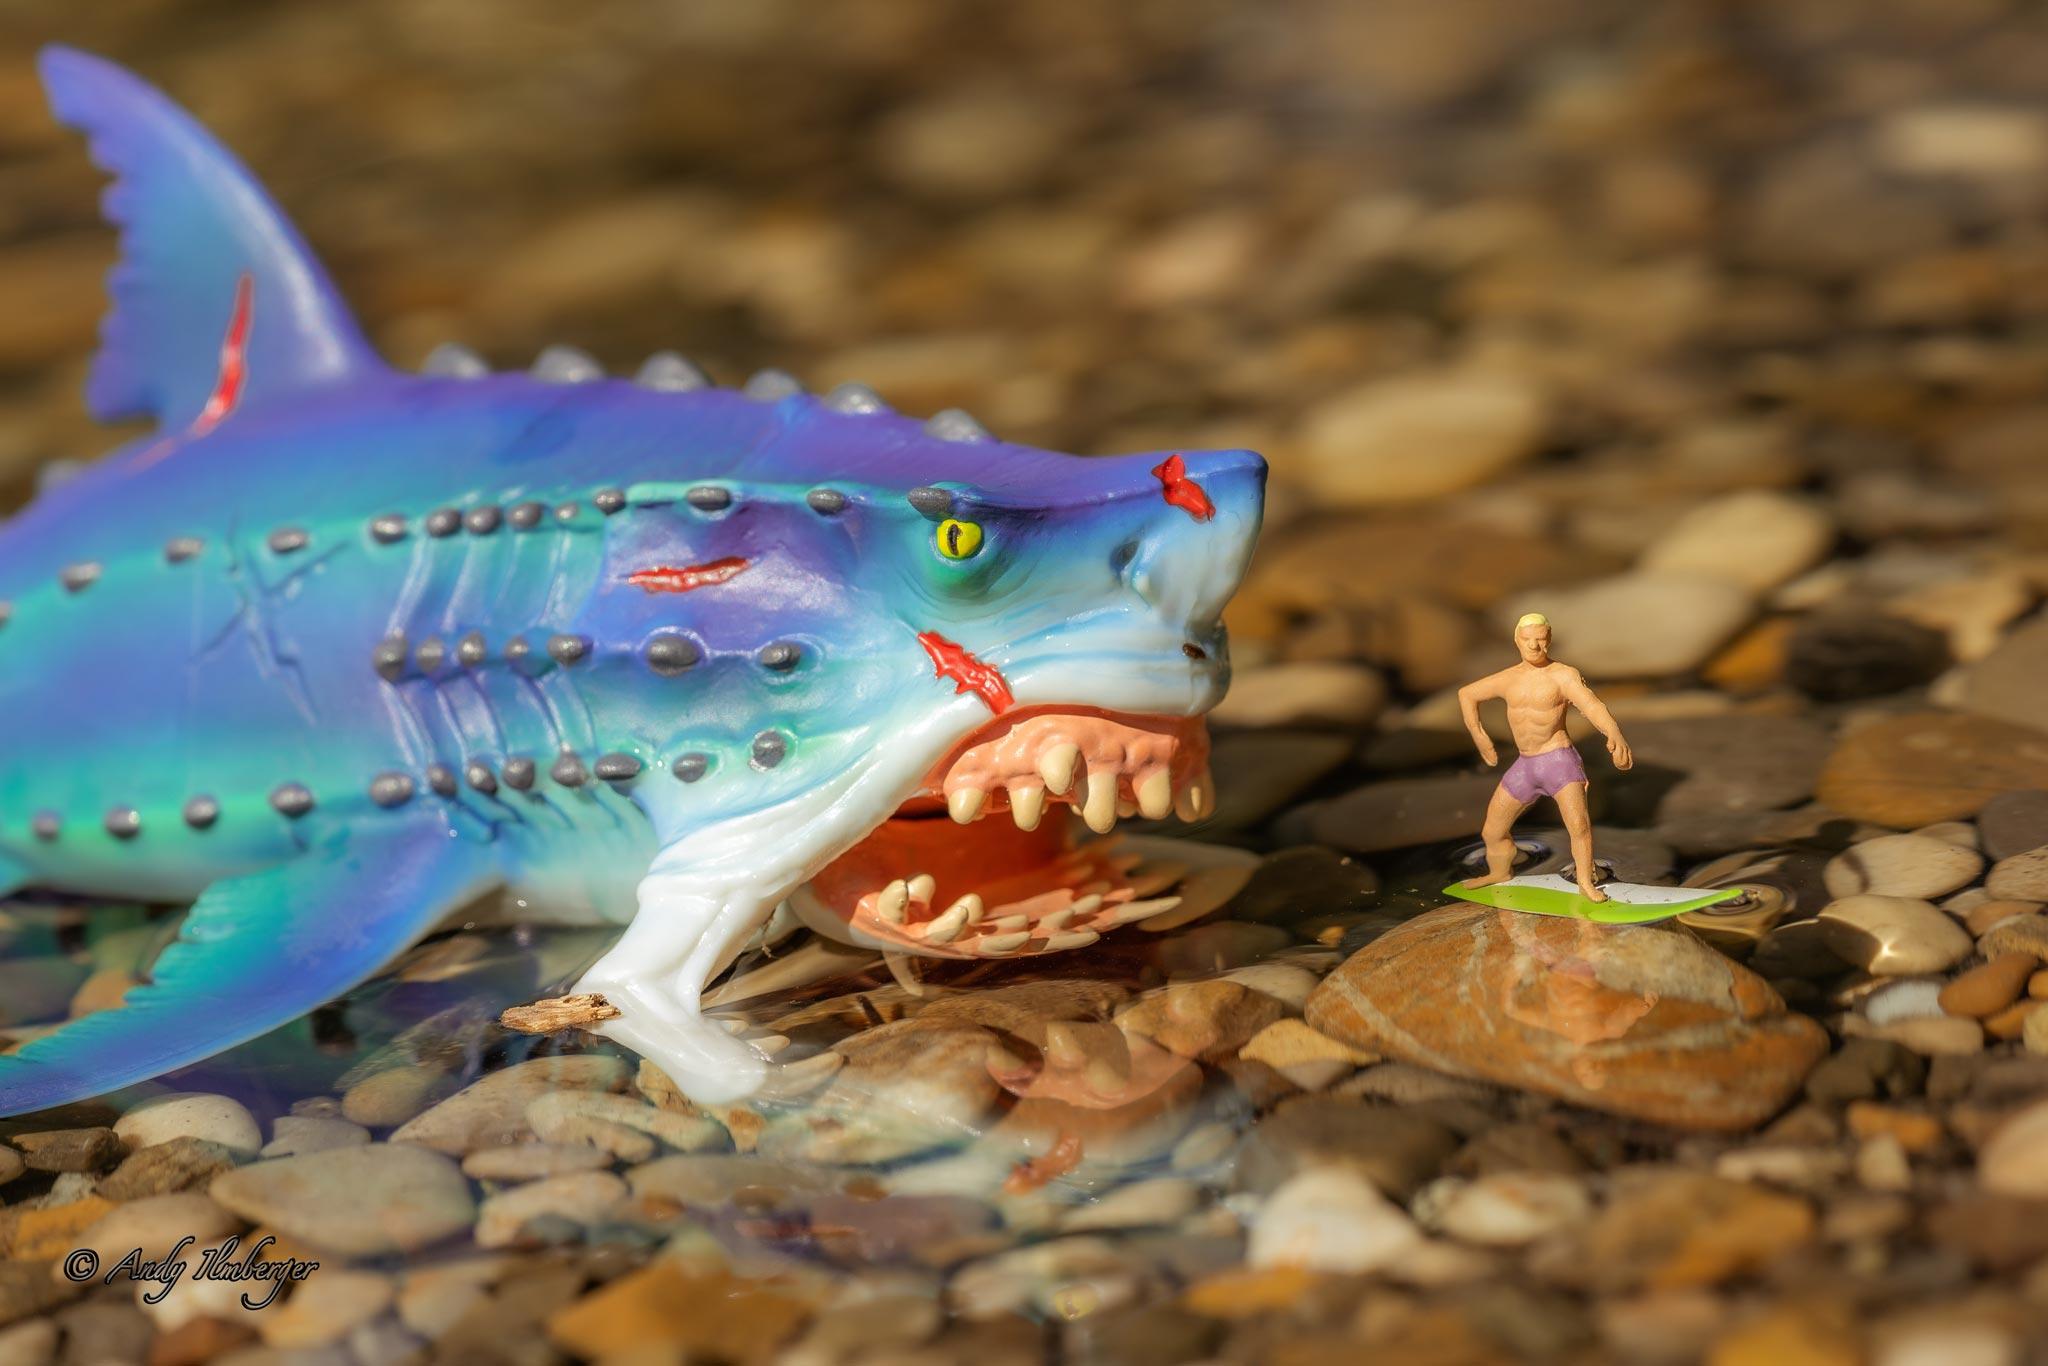 H0-Helden - Wellenreiter und Monsterhai - H0-Figuren in Szene gesetzt von © Andy Ilmberger im Kleine-Helden.Club